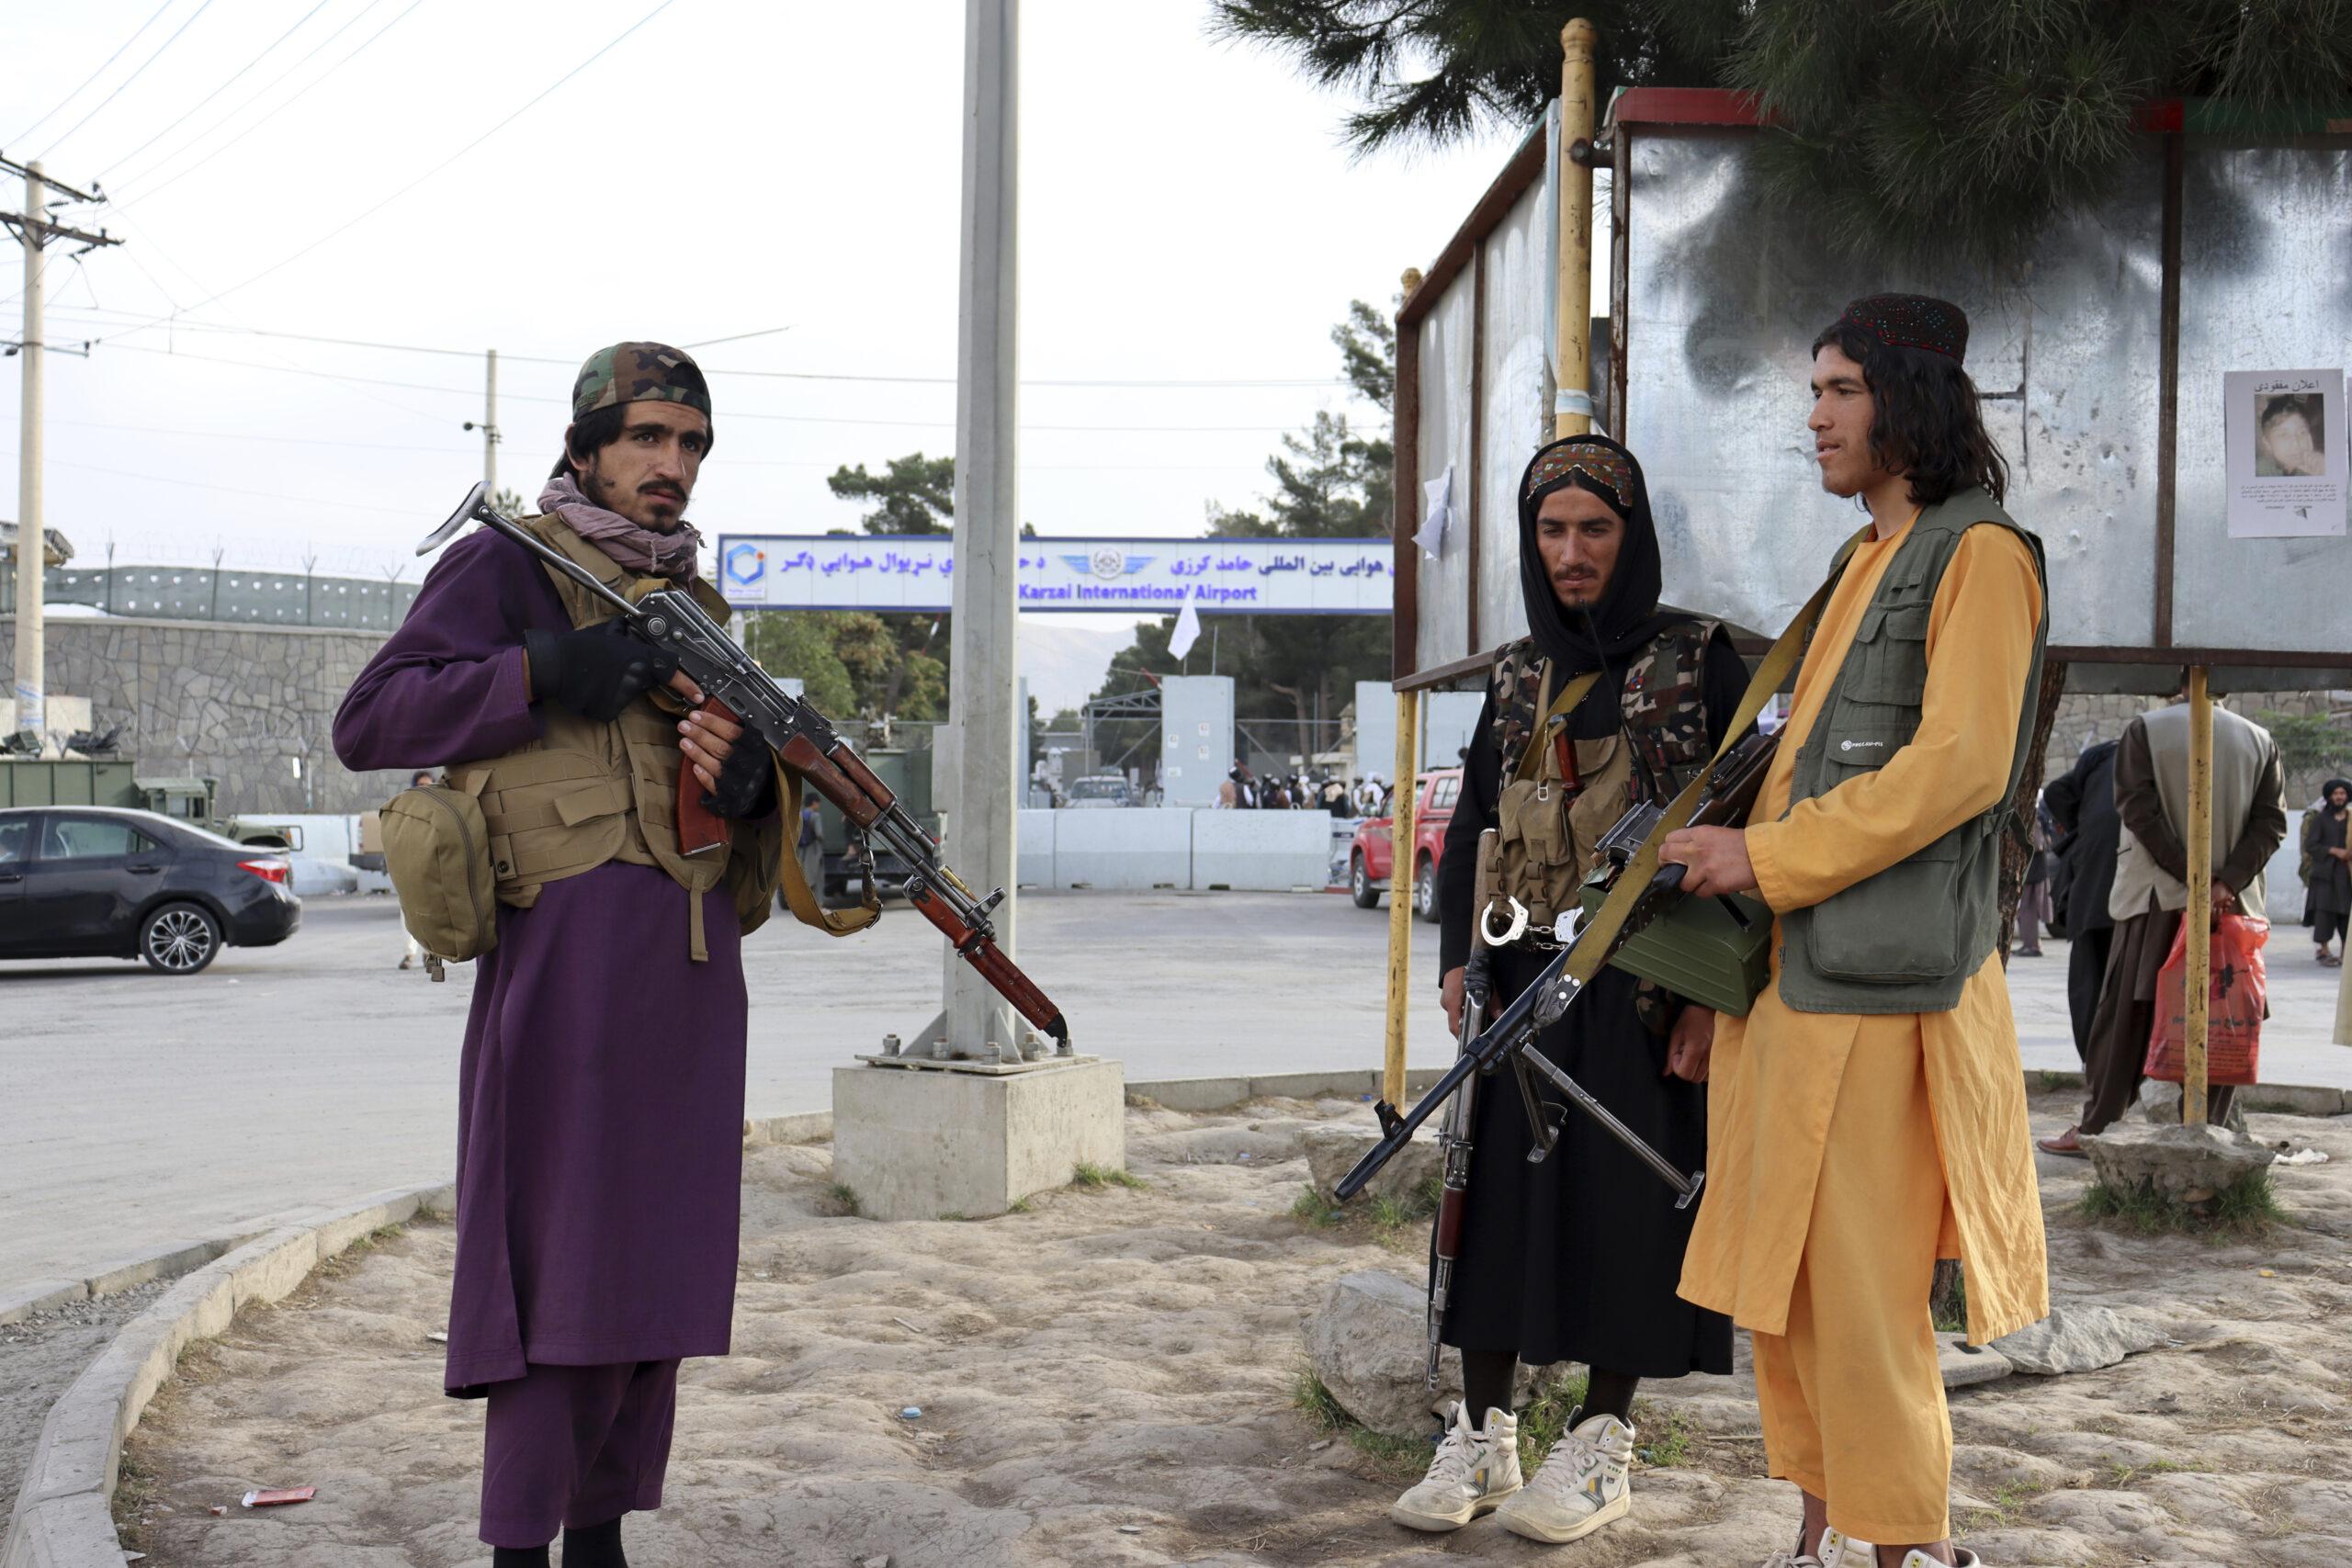 Avganistanska gej populacija: Međunarodna zajednica nas je napustila